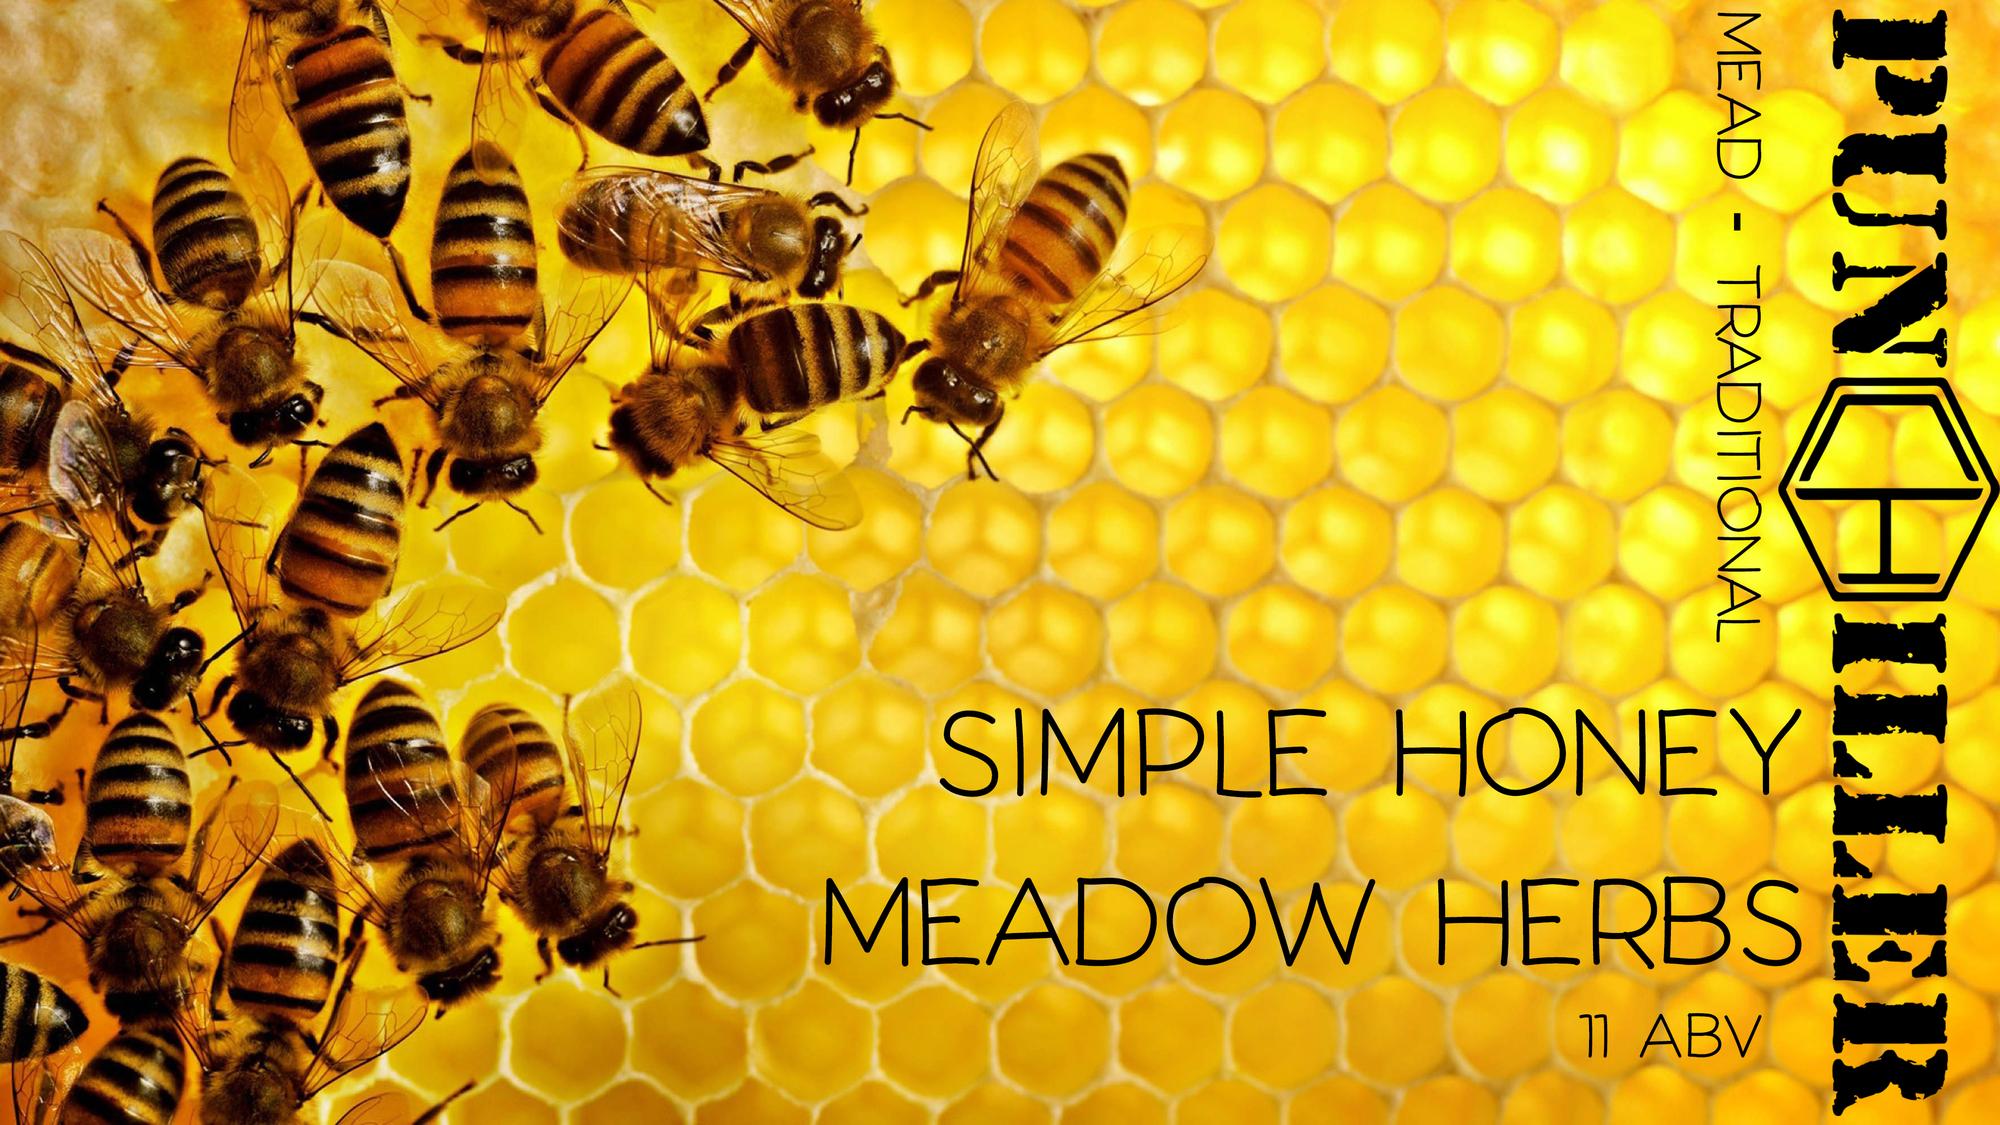 Мёд Simple Honey: Meadow Herbs